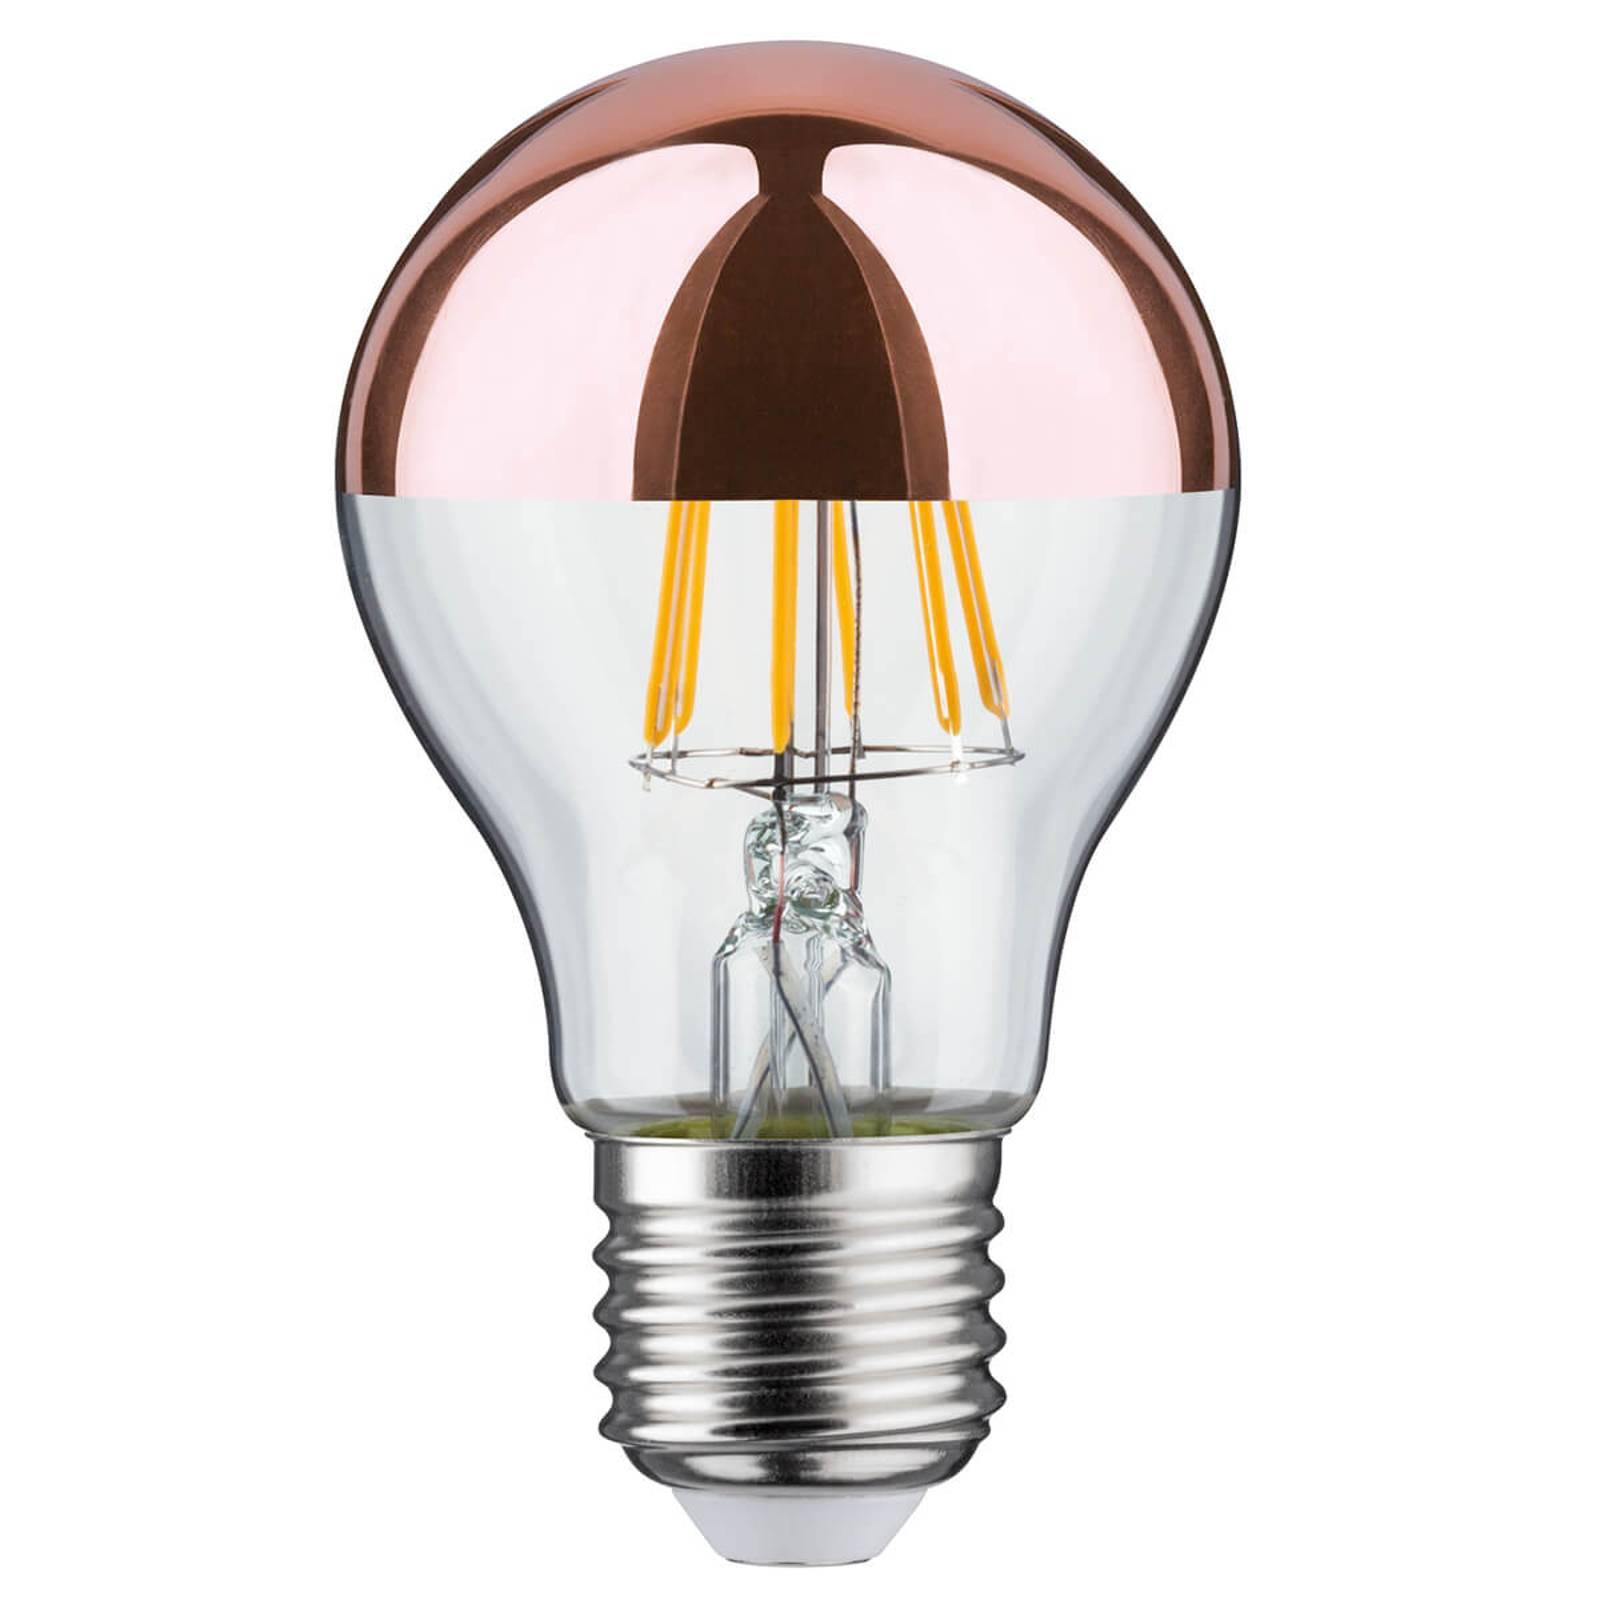 LED-pääpeililamppu E27 6,5 W 827, kupari